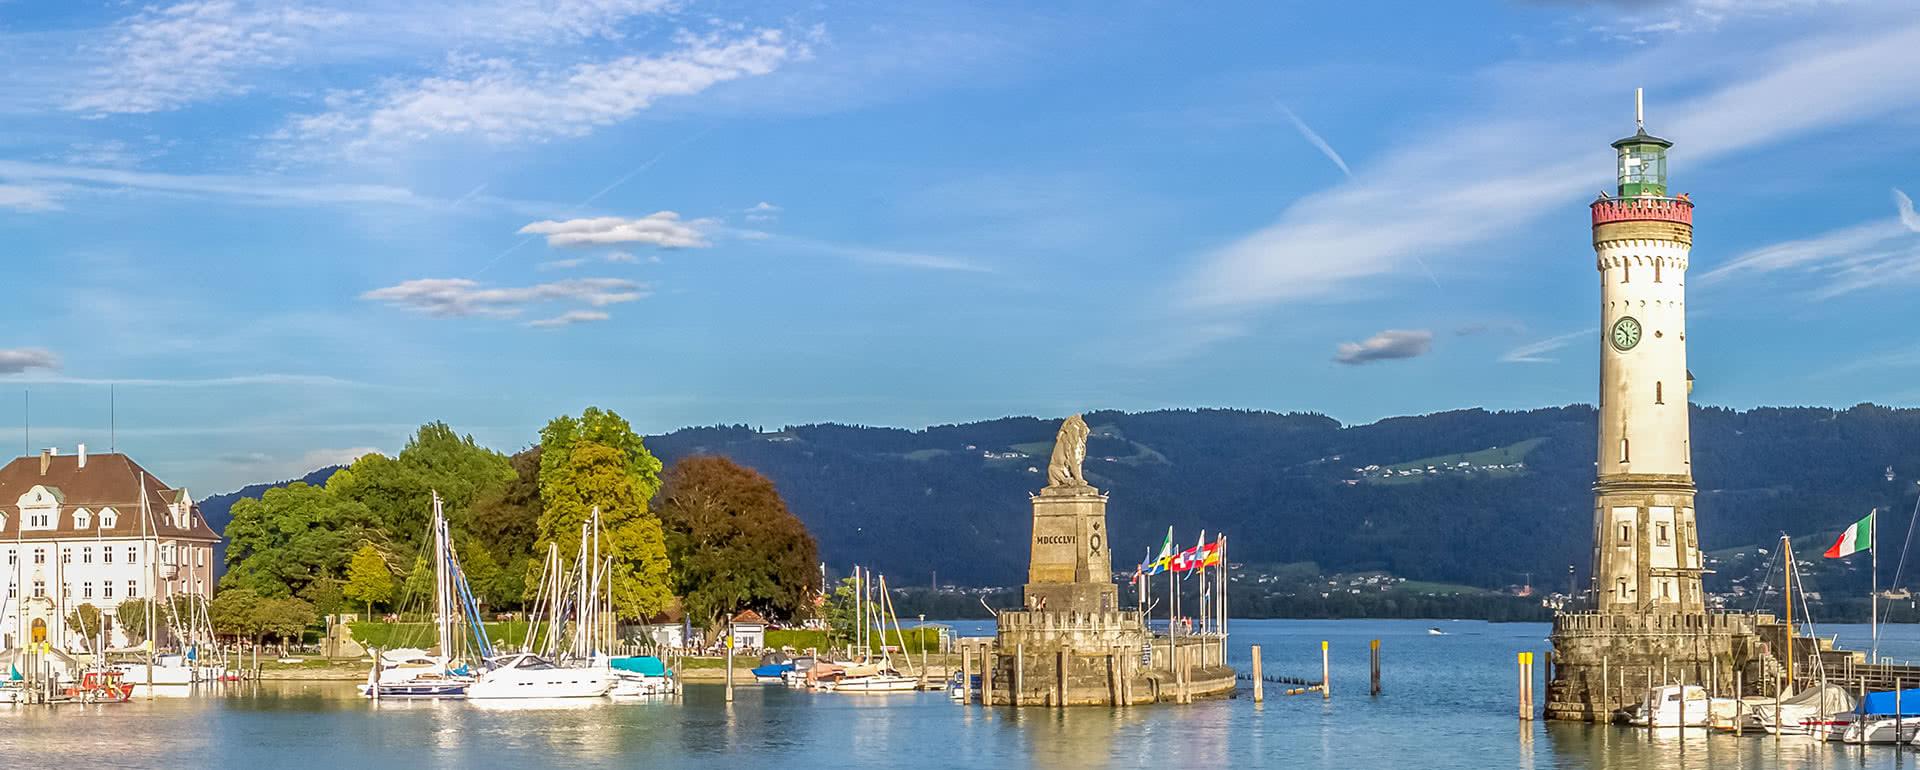 Titelbild von Lindau (Bodensee)